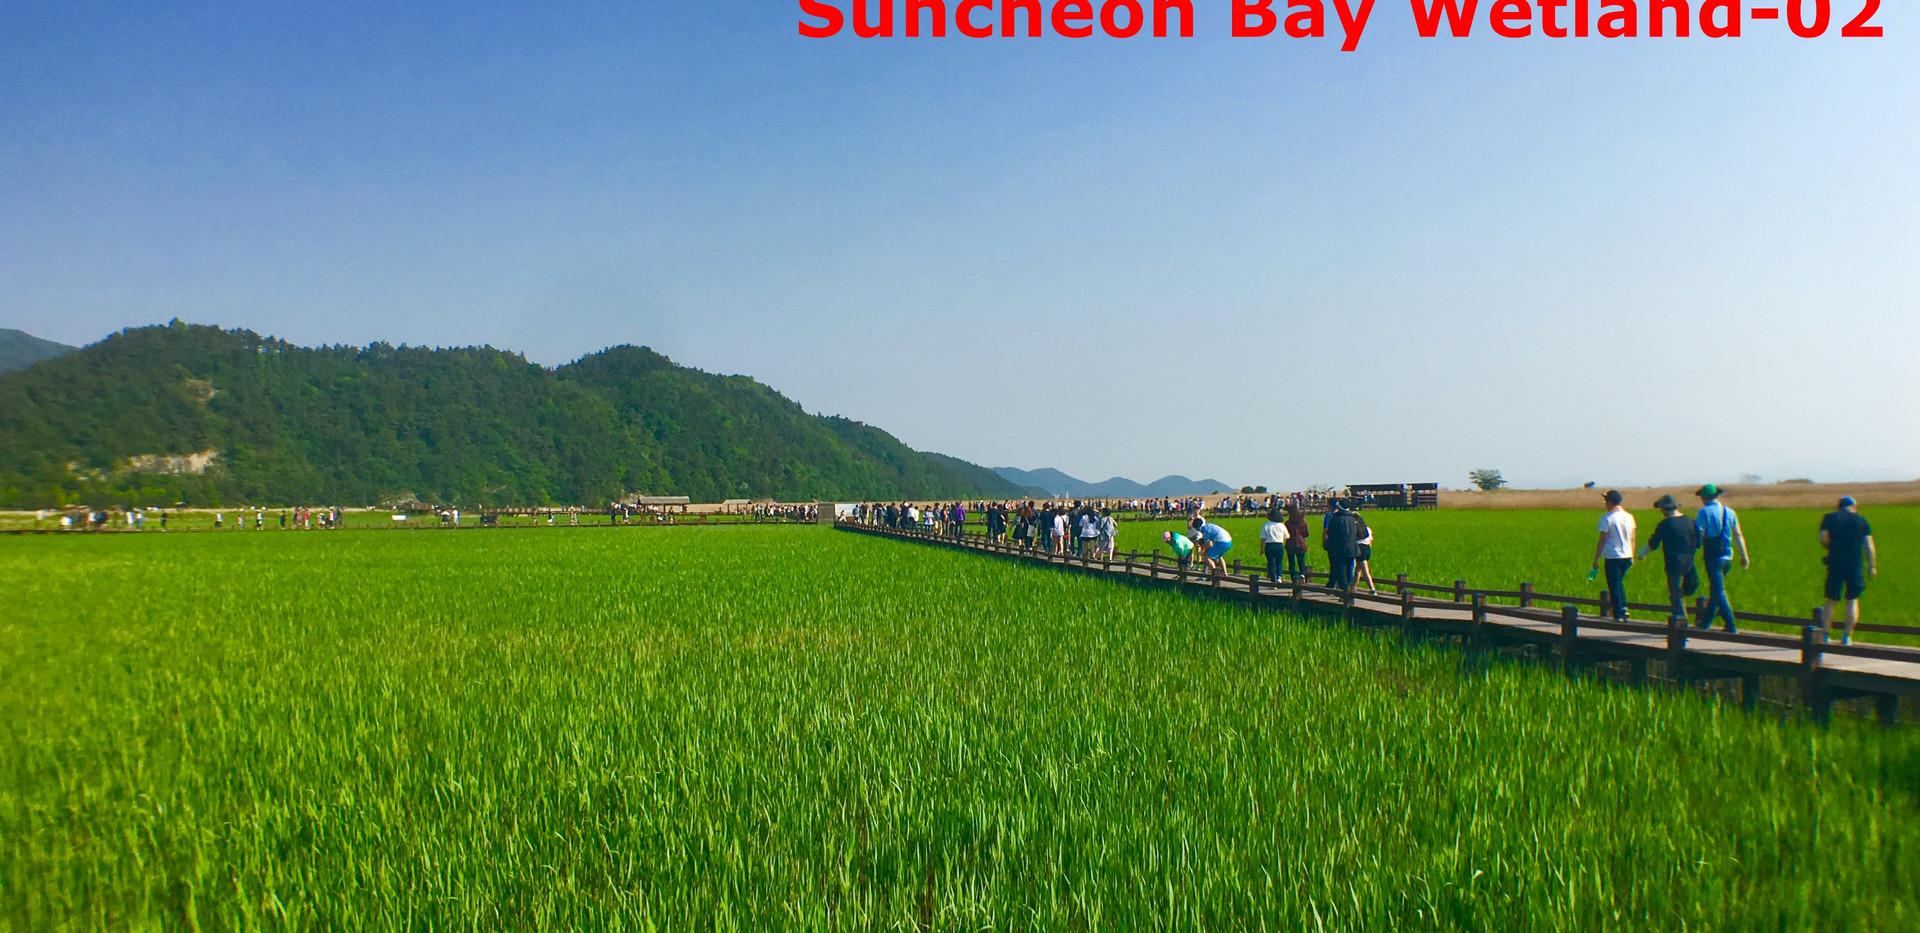 Suncheon Suncheonman Bay-02.jpg